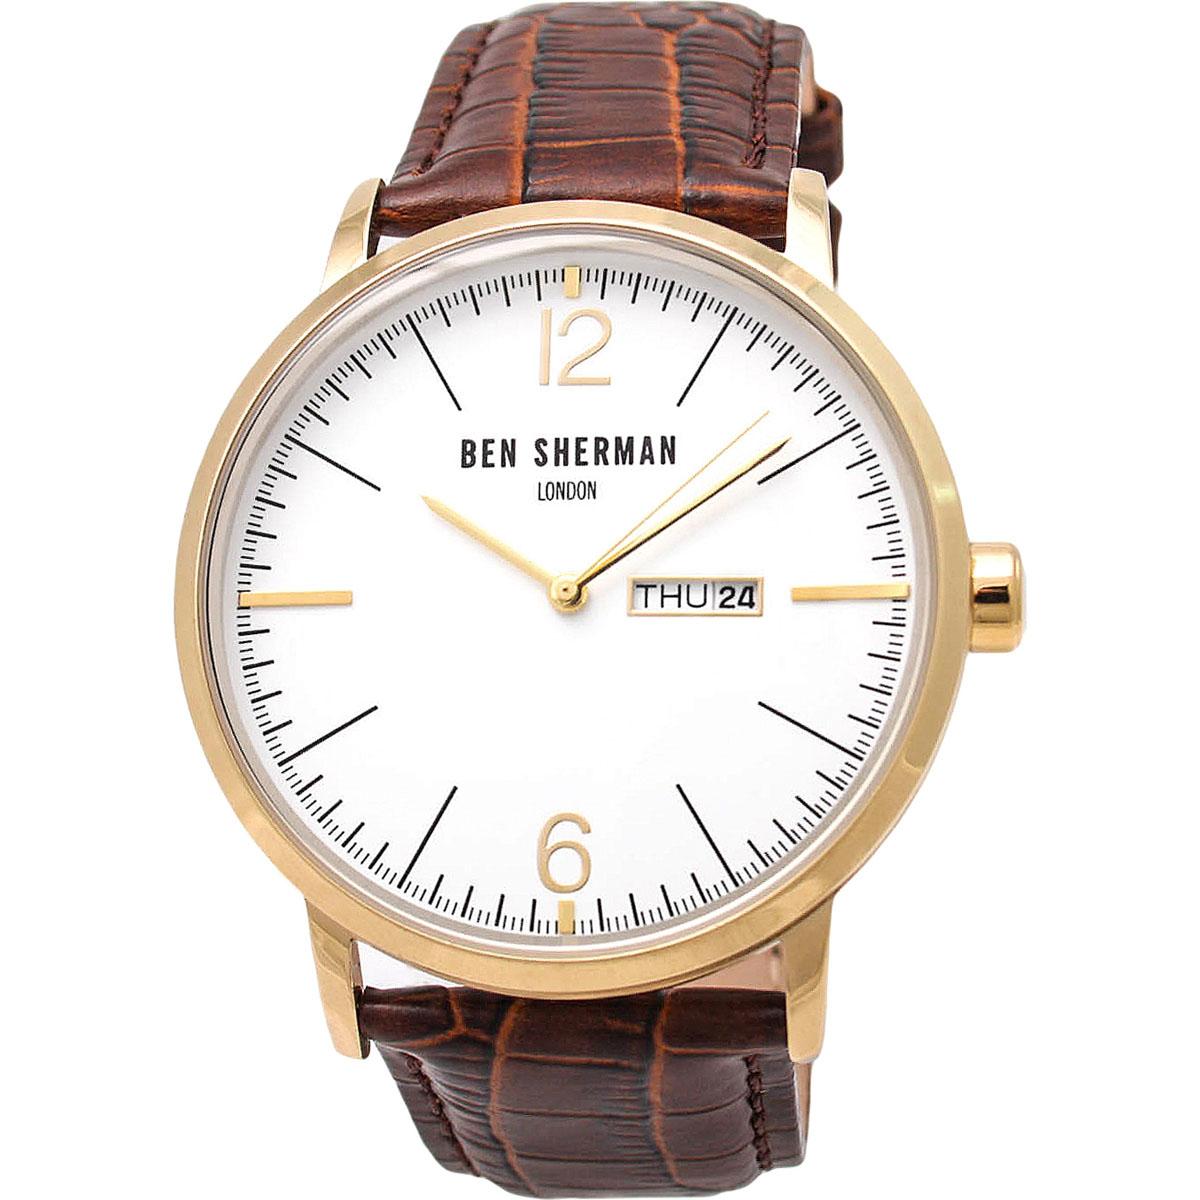 Наручные часы мужские Ben Sherman, цвет: коричневый. WB046TG8-2Трехстрелочный механизм Miyota 2105 c датой и днем недели; IPG-покрытие; Размер корпуса 45 мм; Минеральное стекло; Белый матовый циферблат; Коричневый ремешок из натуральной кожи; Водозащита 3 ATM